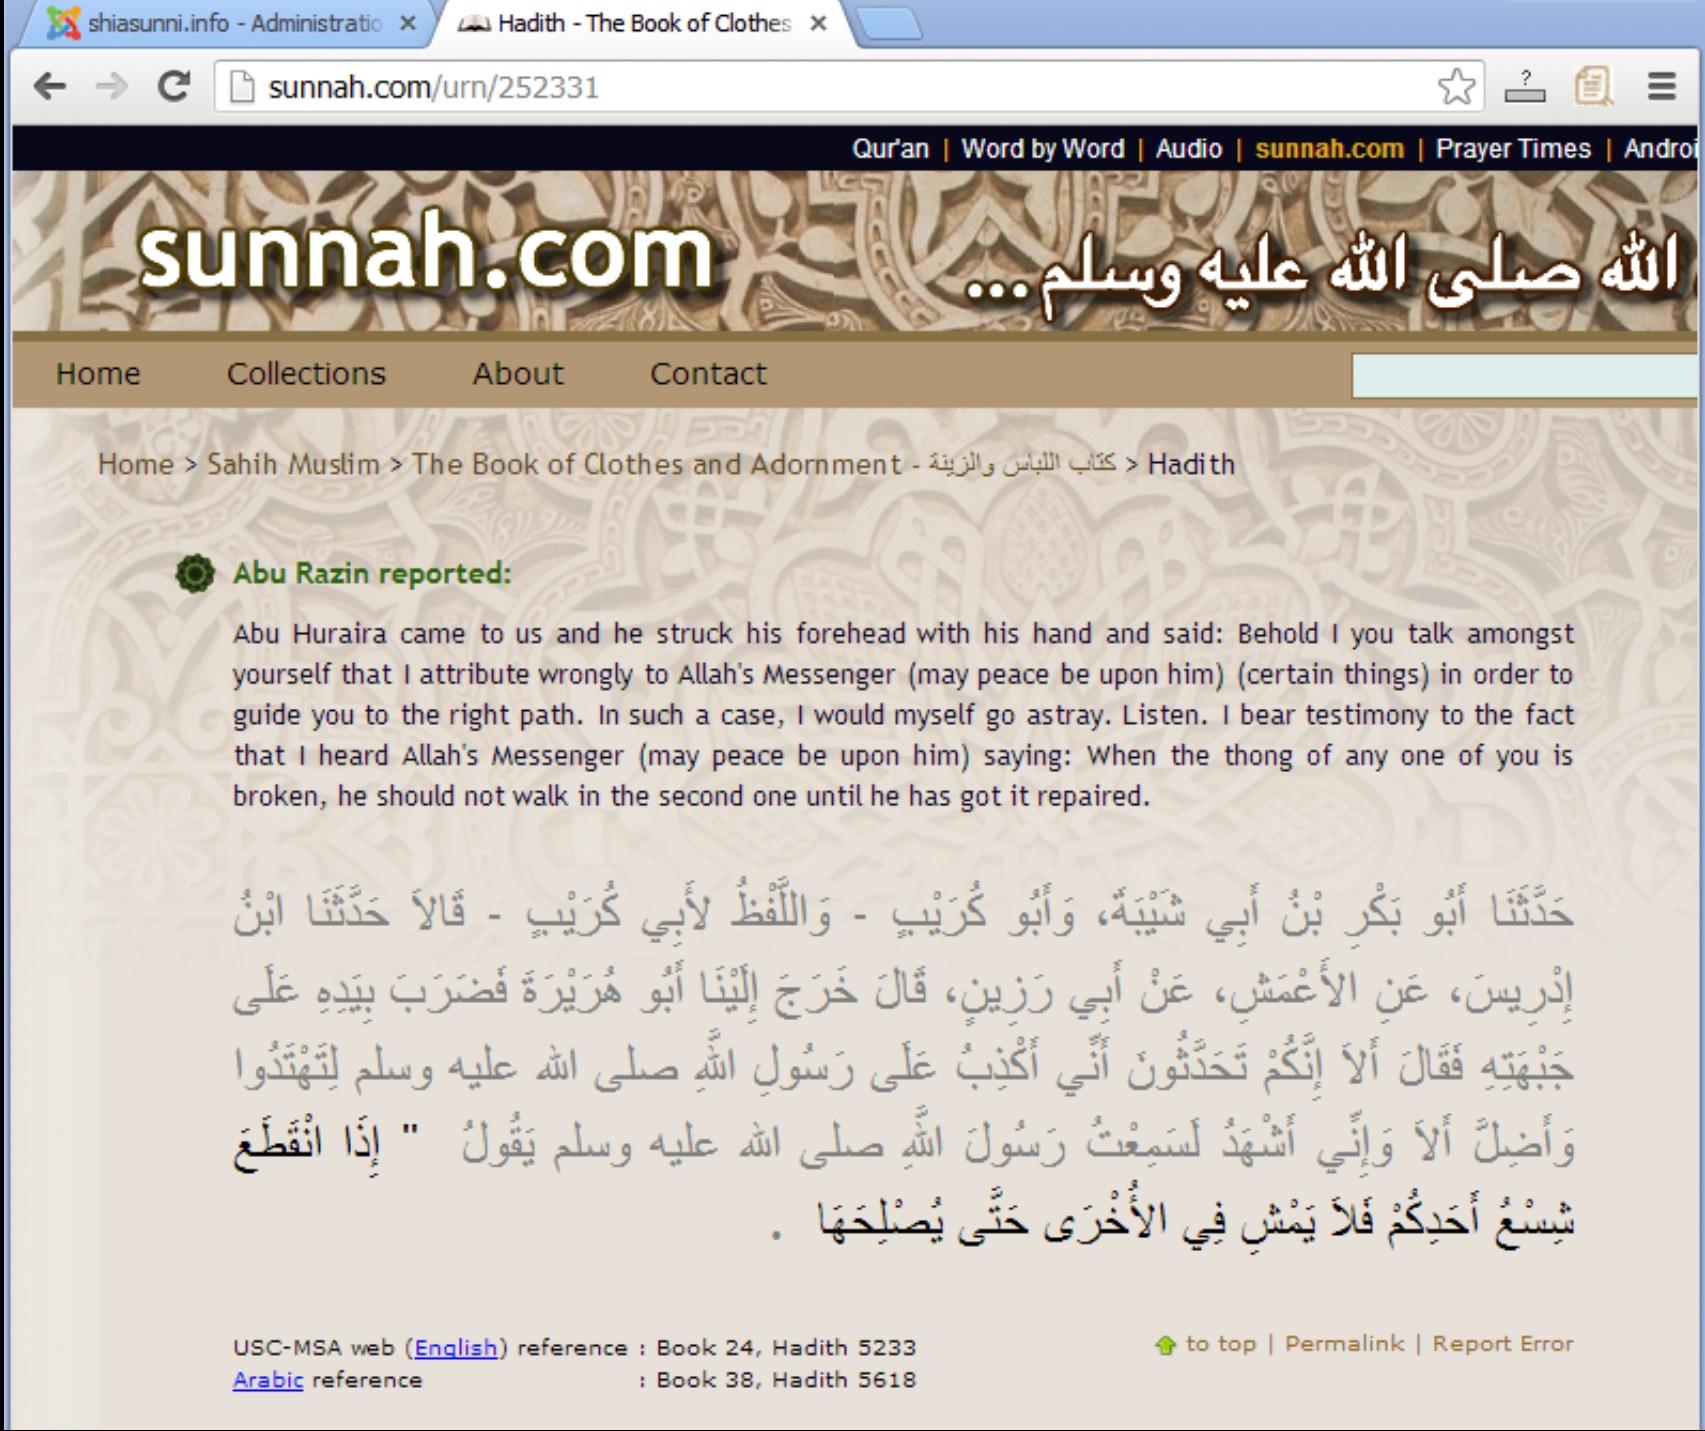 Abu Hurayra1